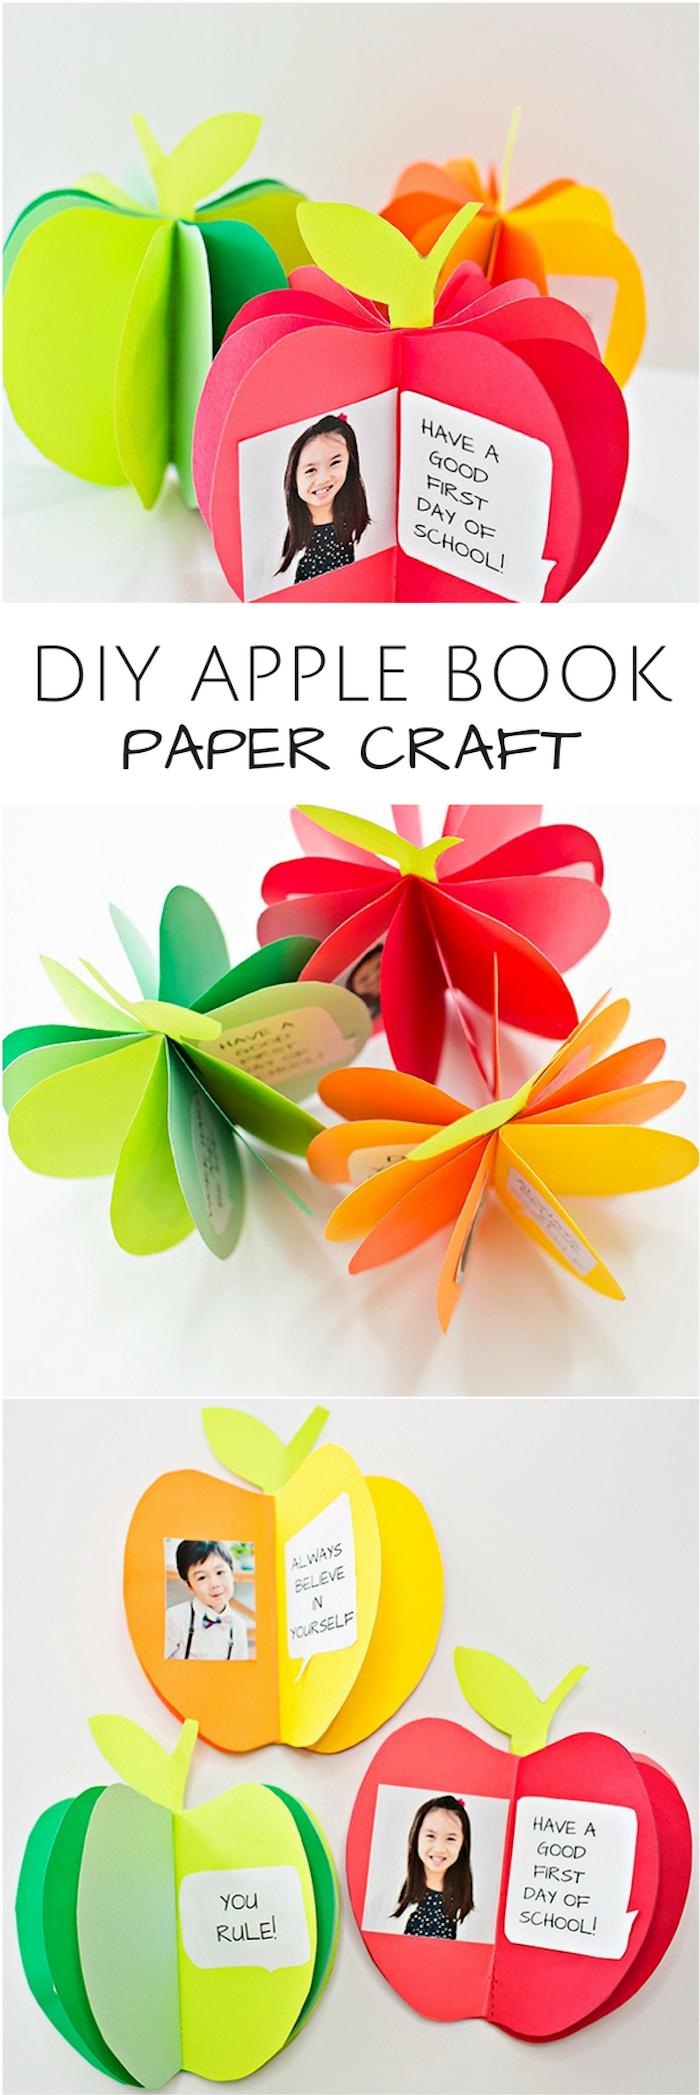 idée de cadeau maitresse diy rentrée comment faire une carte maitresse maternelle activité manuelle facile en papier motif pomme